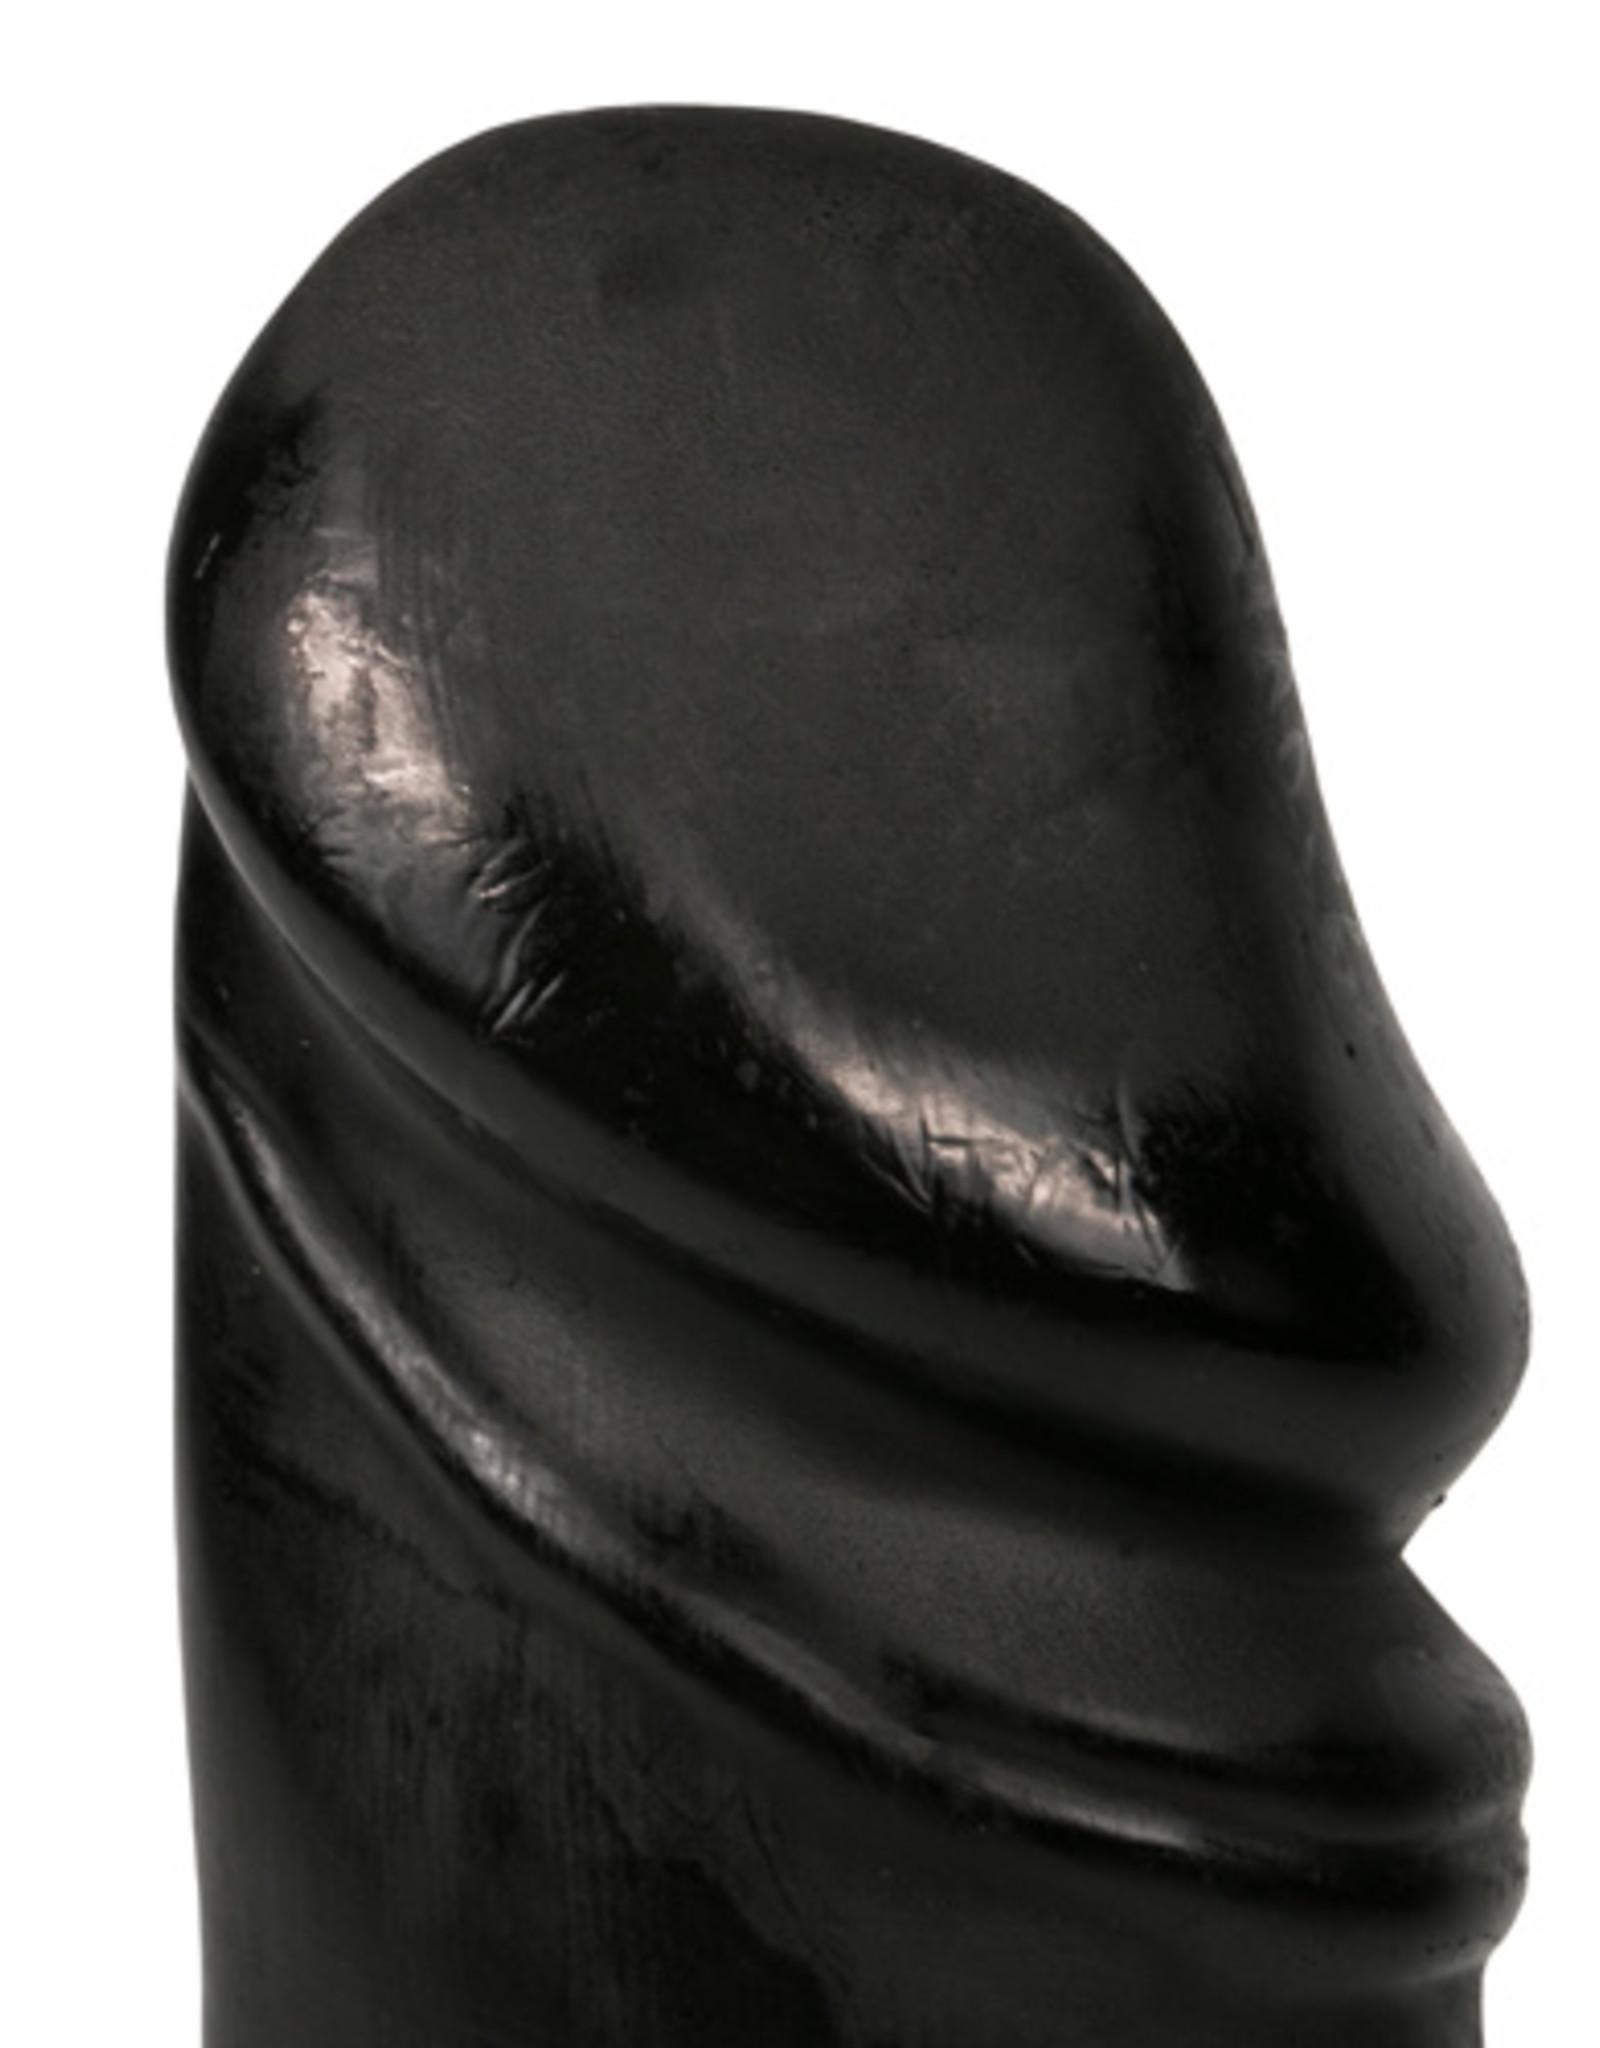 All Black All Black Realistische Dildo - 22 cm